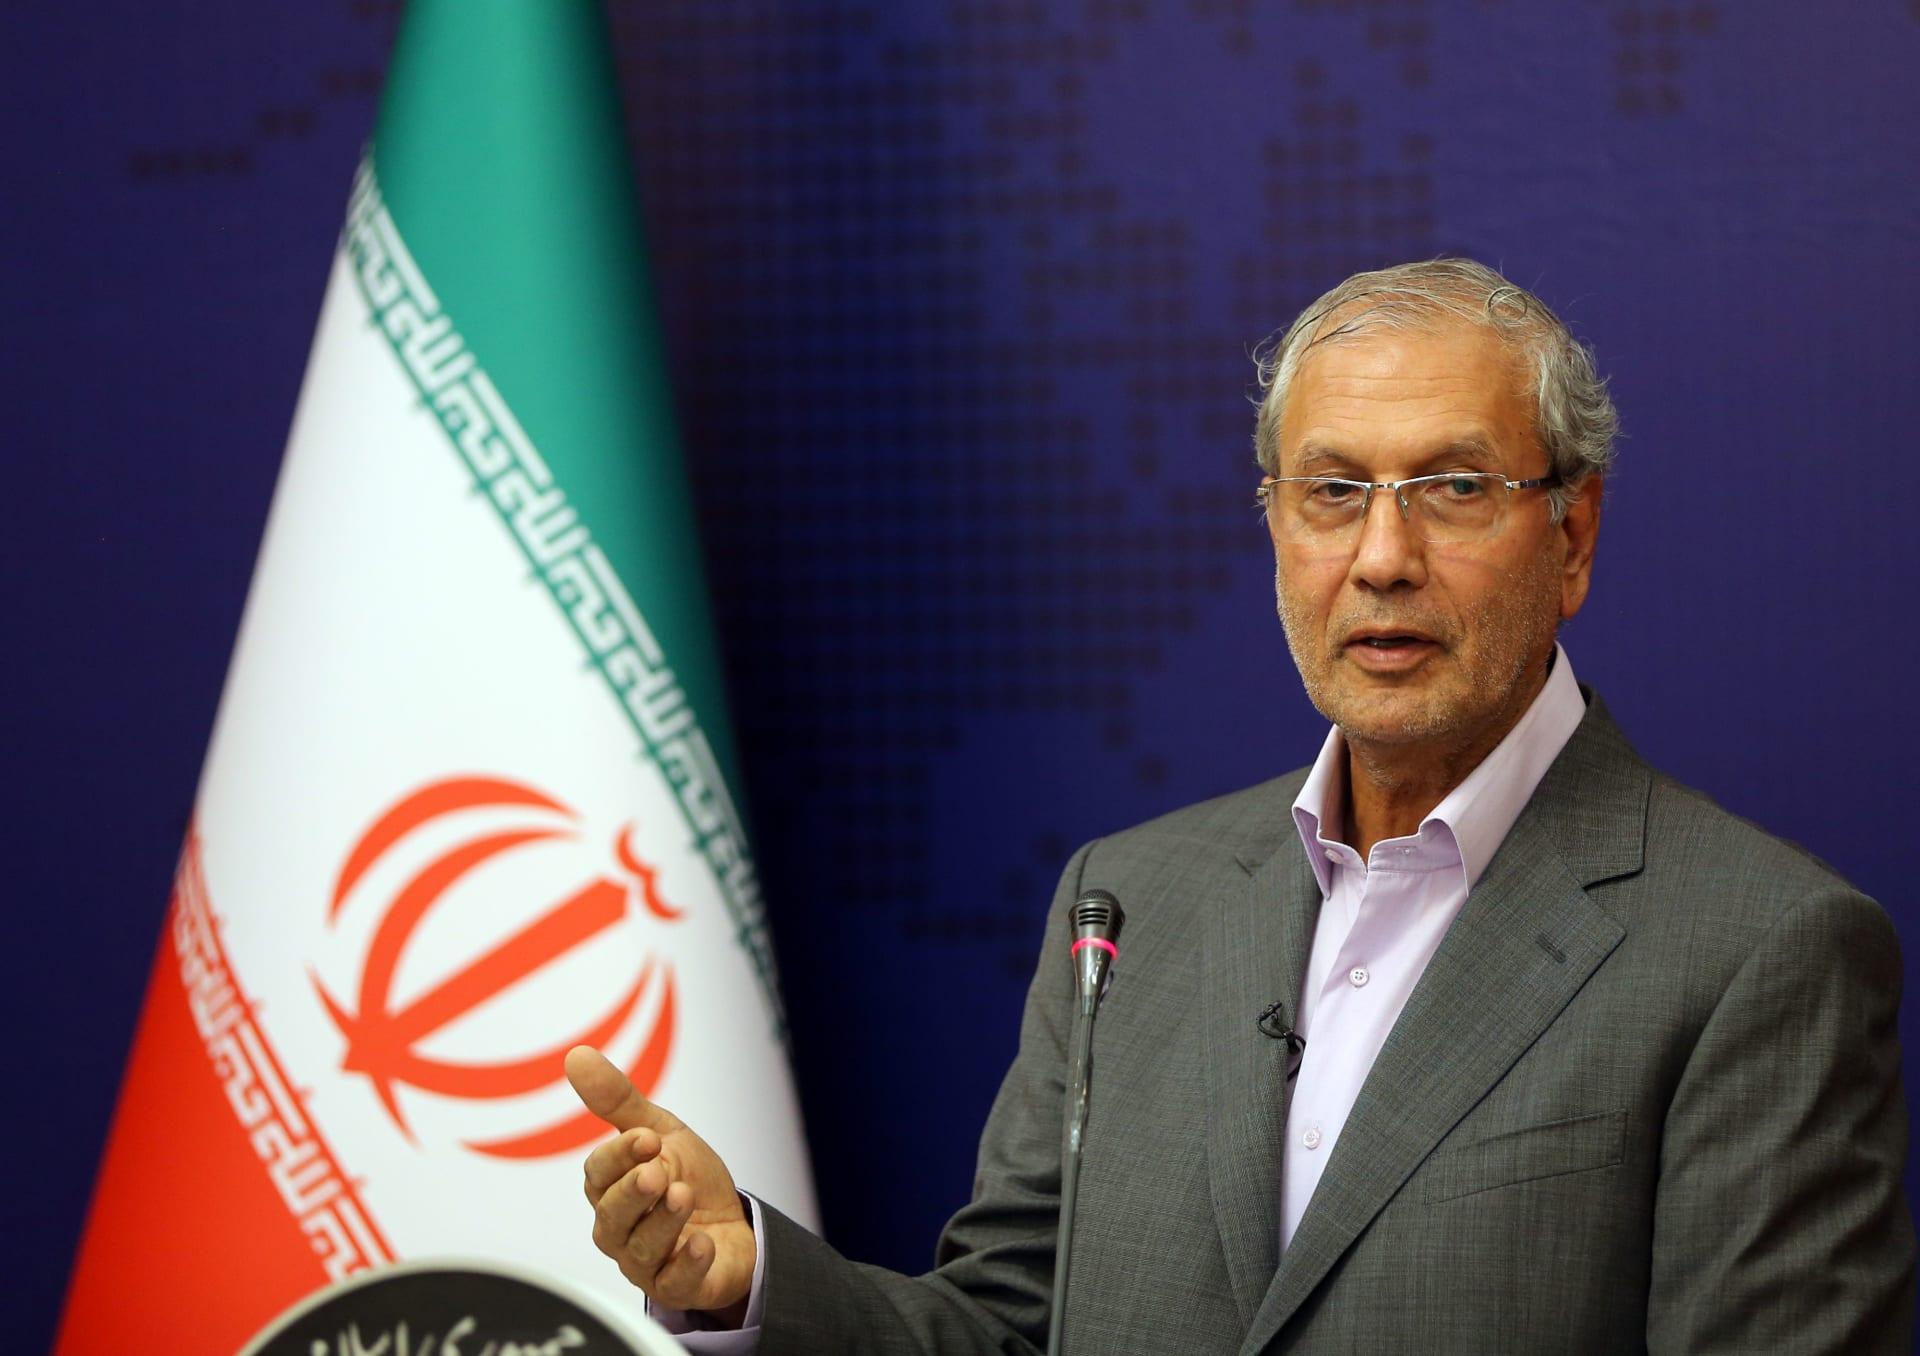 إيران: تسوية مشكلة شراء لقاح كورونا بعد بموافقة أمريكية